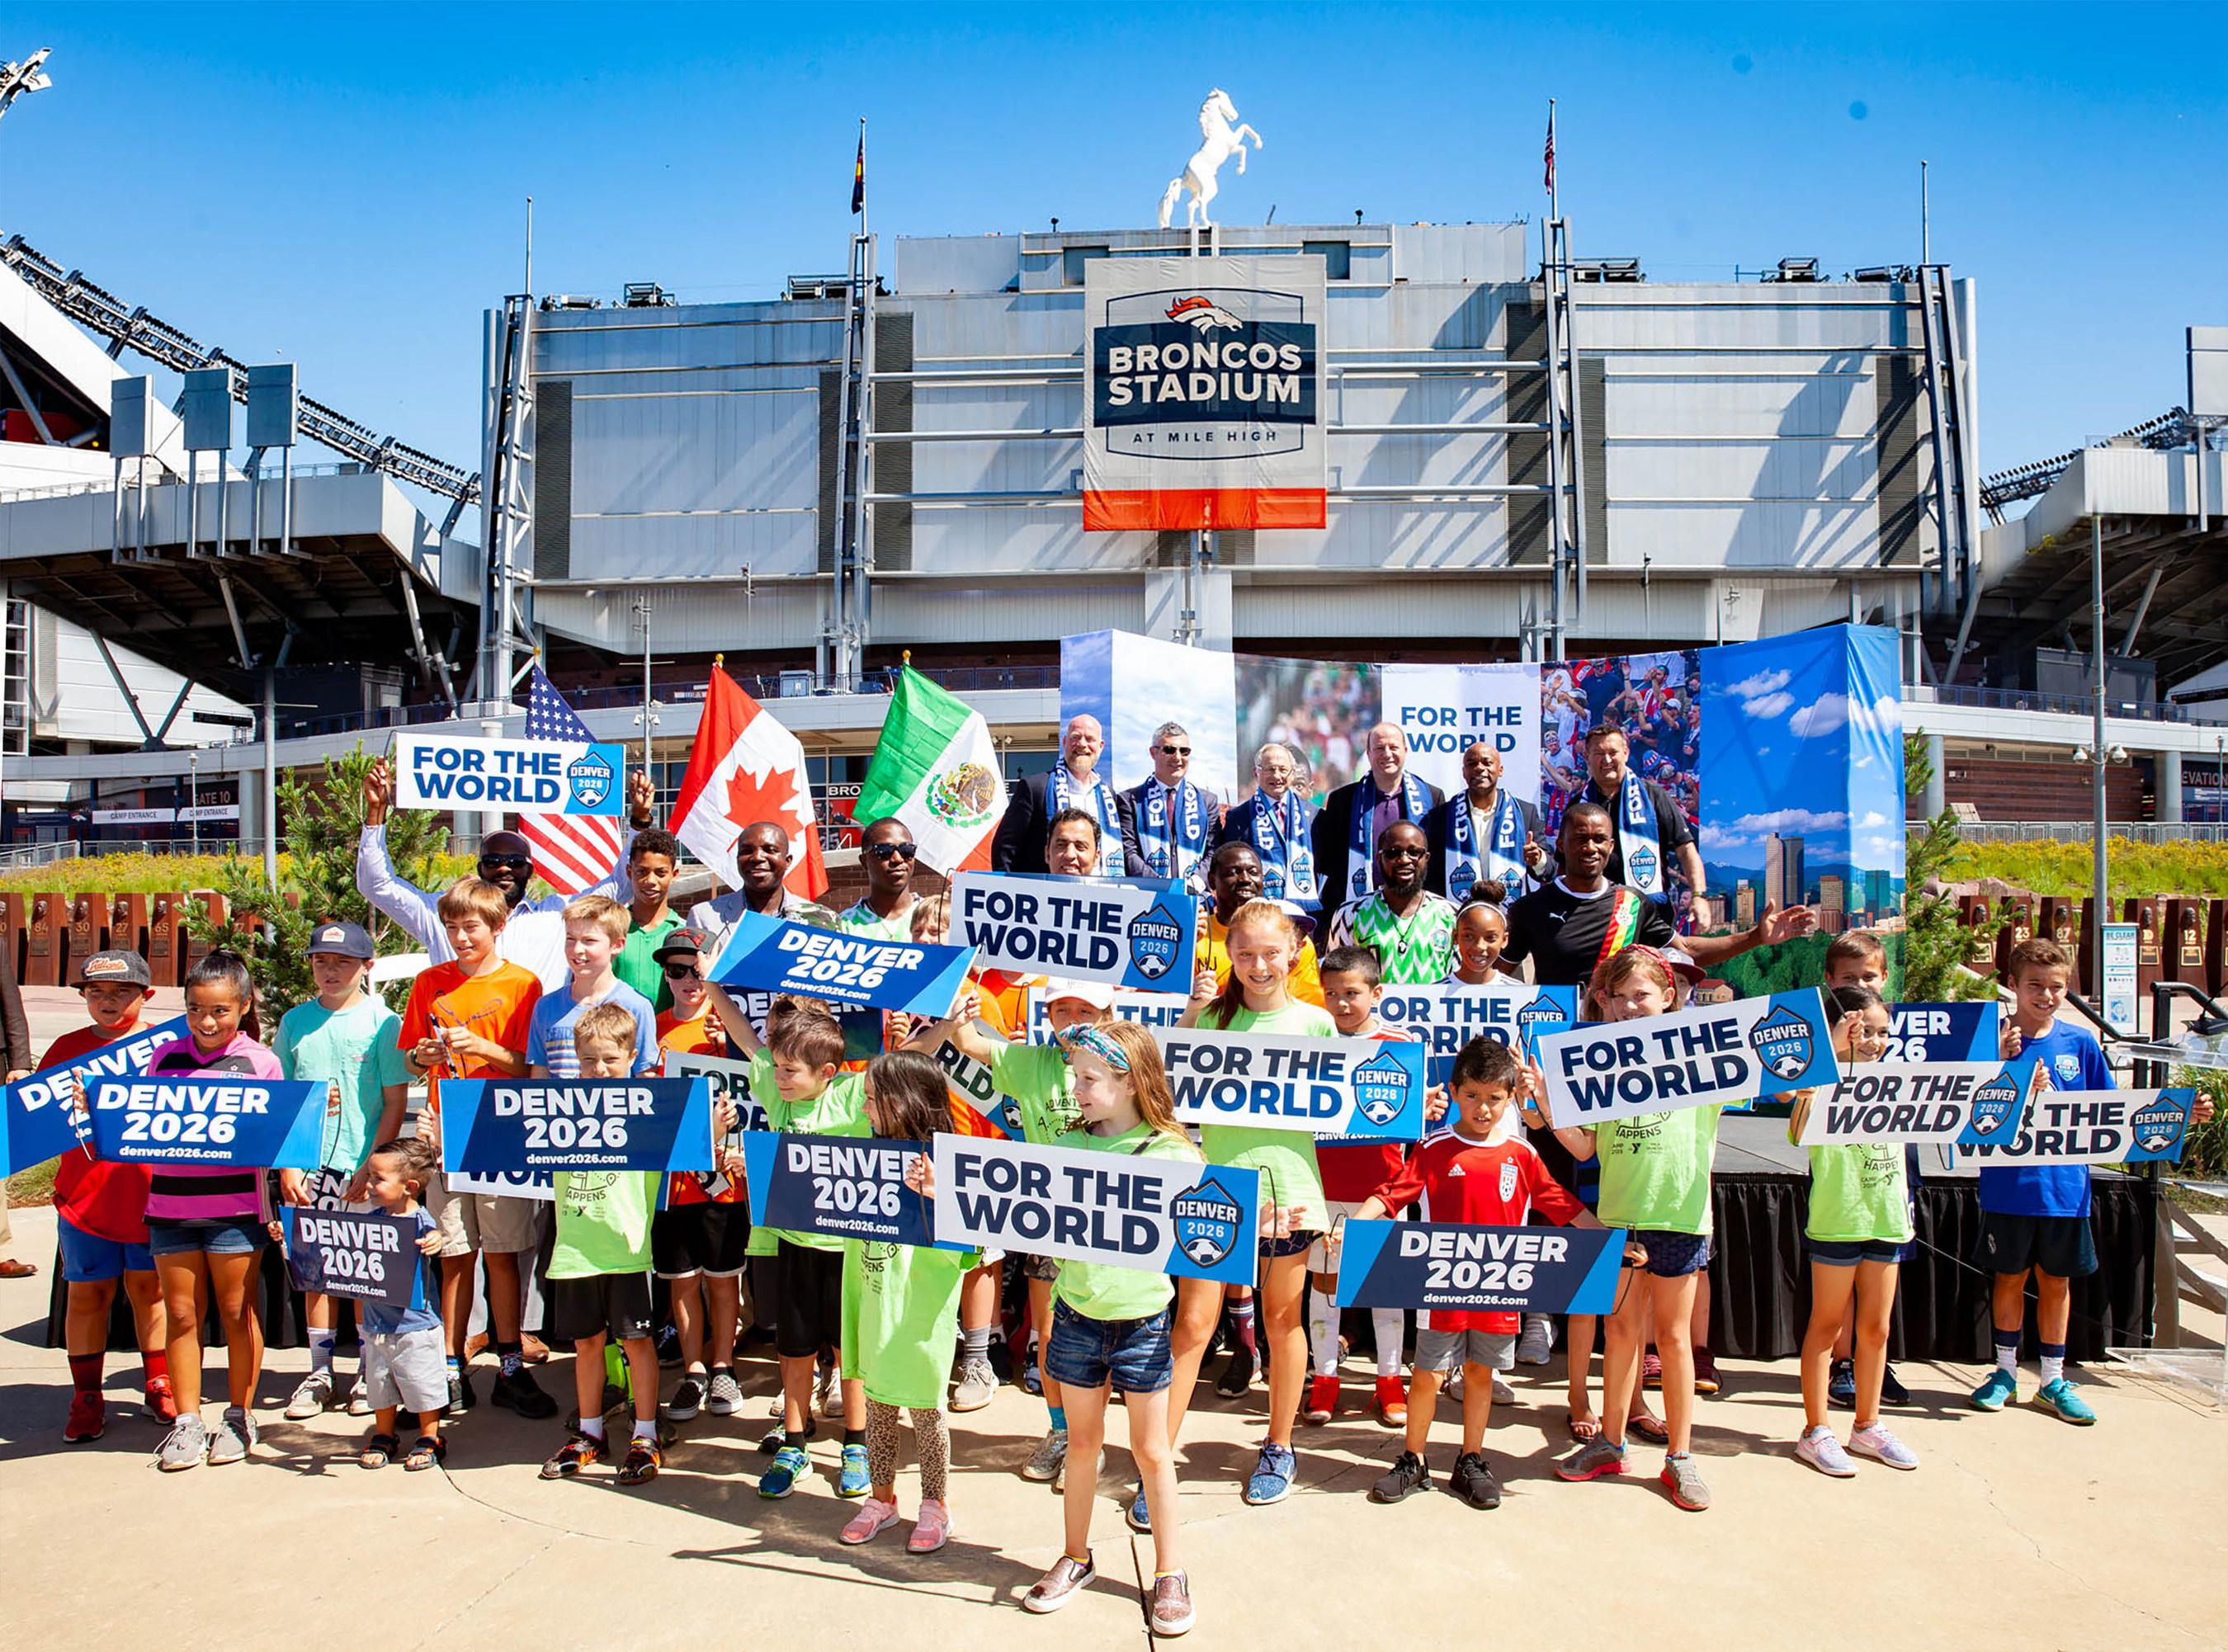 Gob. Polis, Alcalde Hancock y las Comunidades Futboleras de Colorado Lanzan Iniciativa para Confirmar a Denver como Sede de Partidos de la Copa Mundial Masculina de FIFA 2026